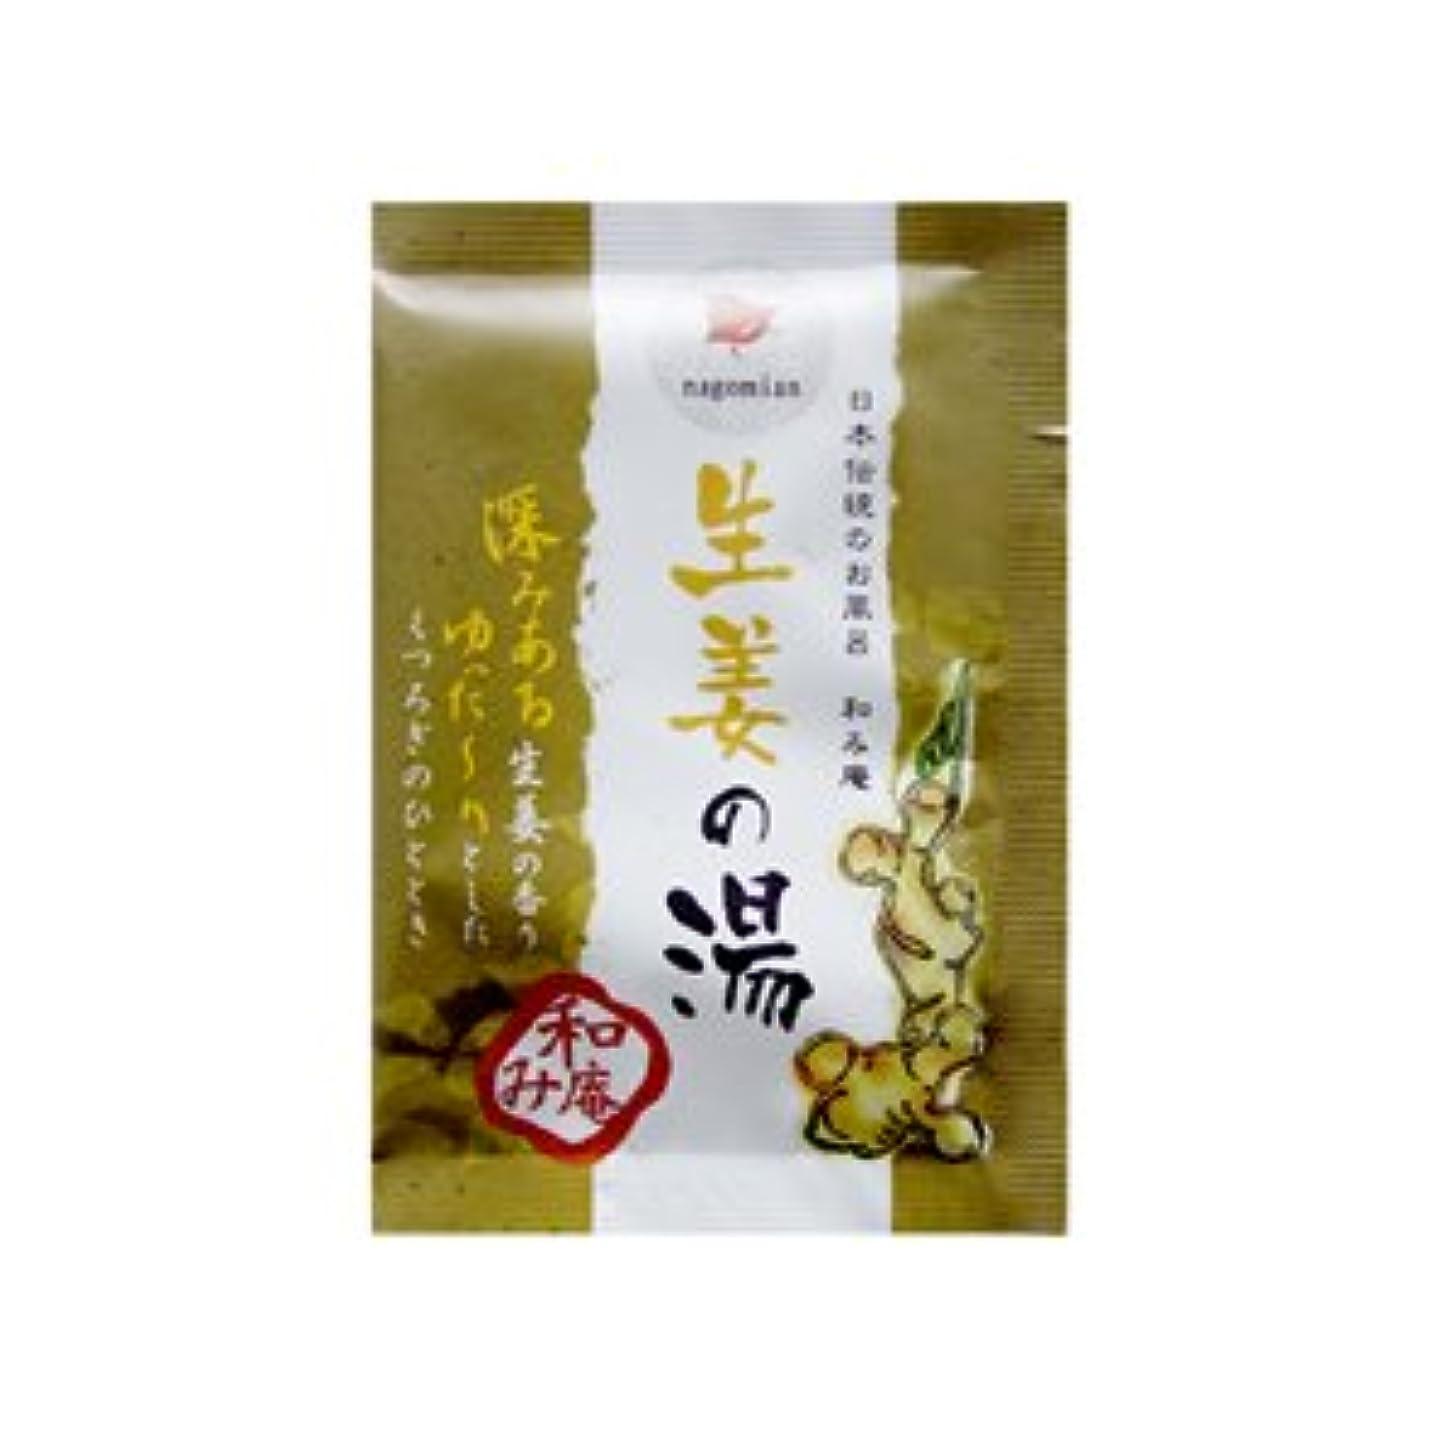 損失ライン用心日本伝統のお風呂 和み庵 生姜の湯 25g 10個セット